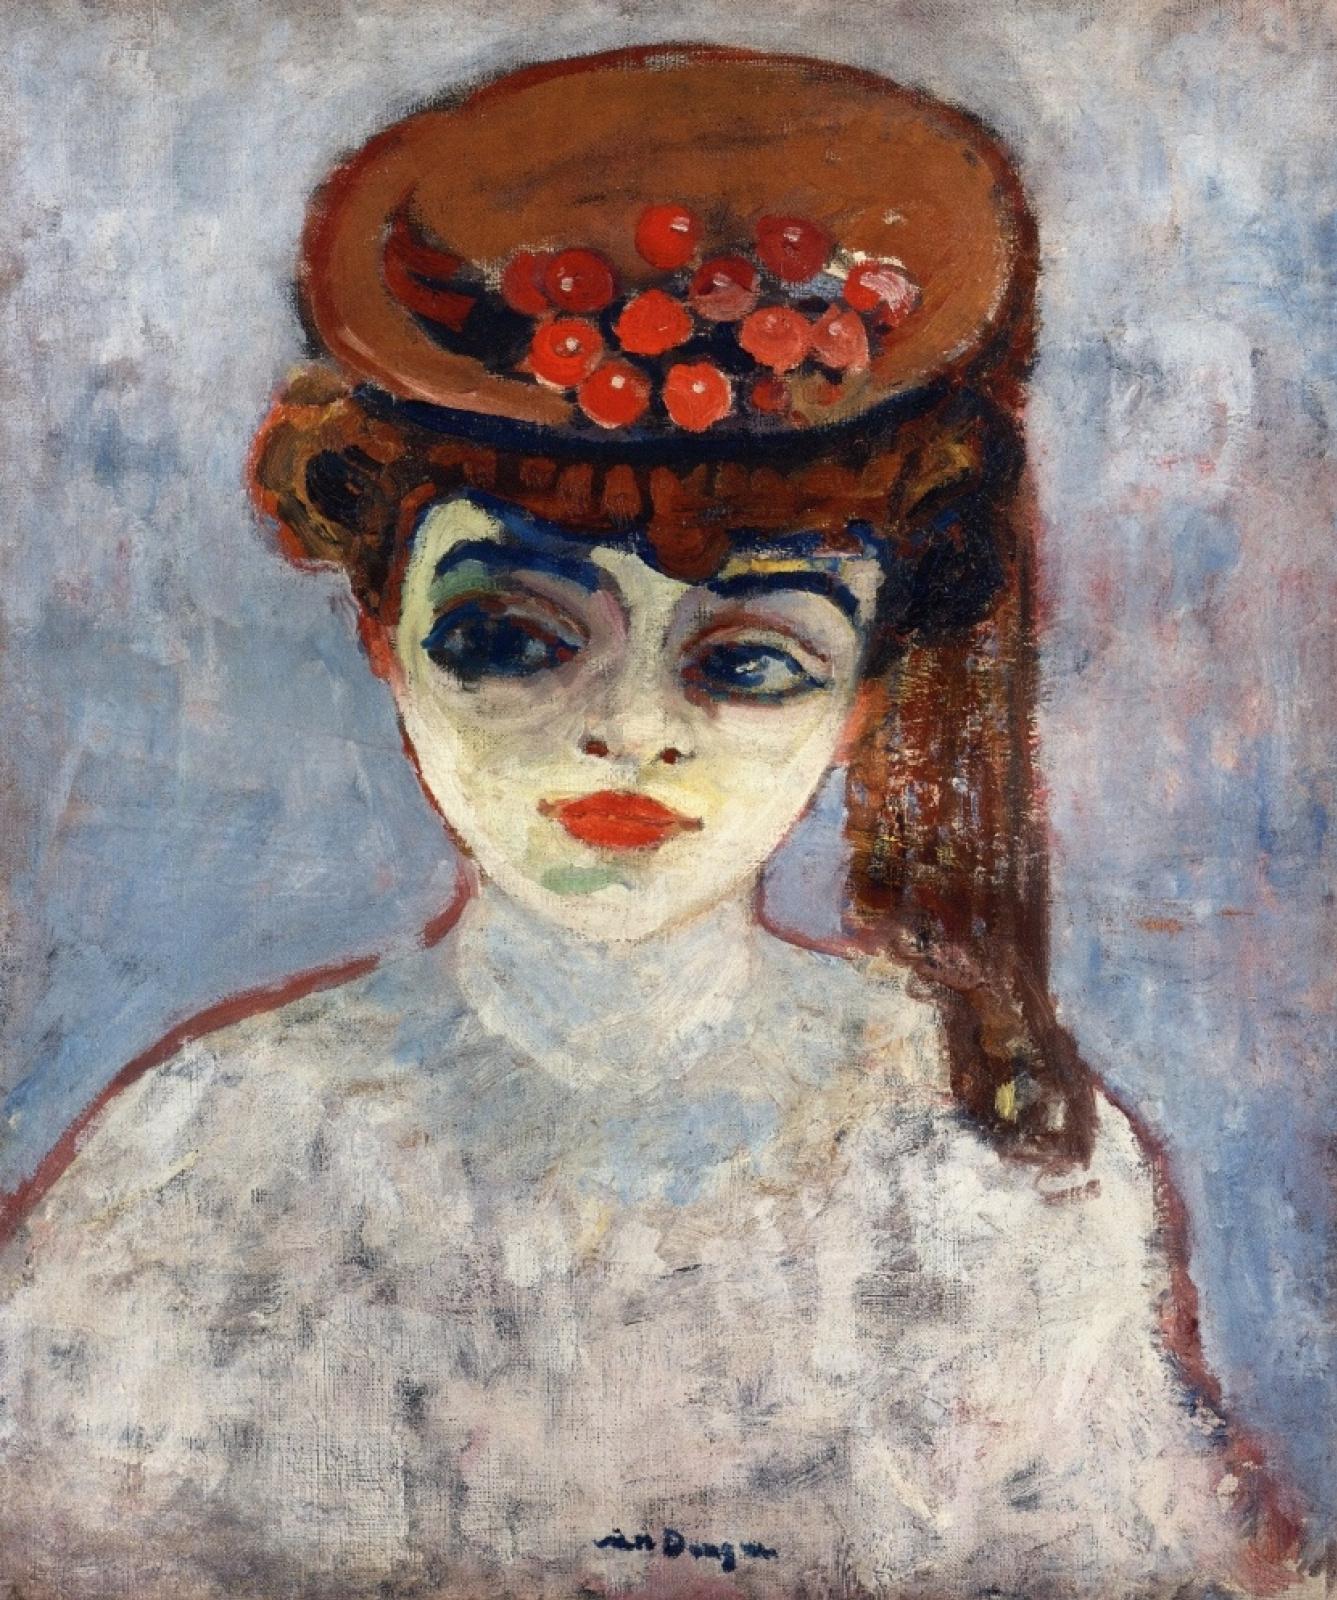 Кес Ван Донген. Женщина с вишнями на шляпке